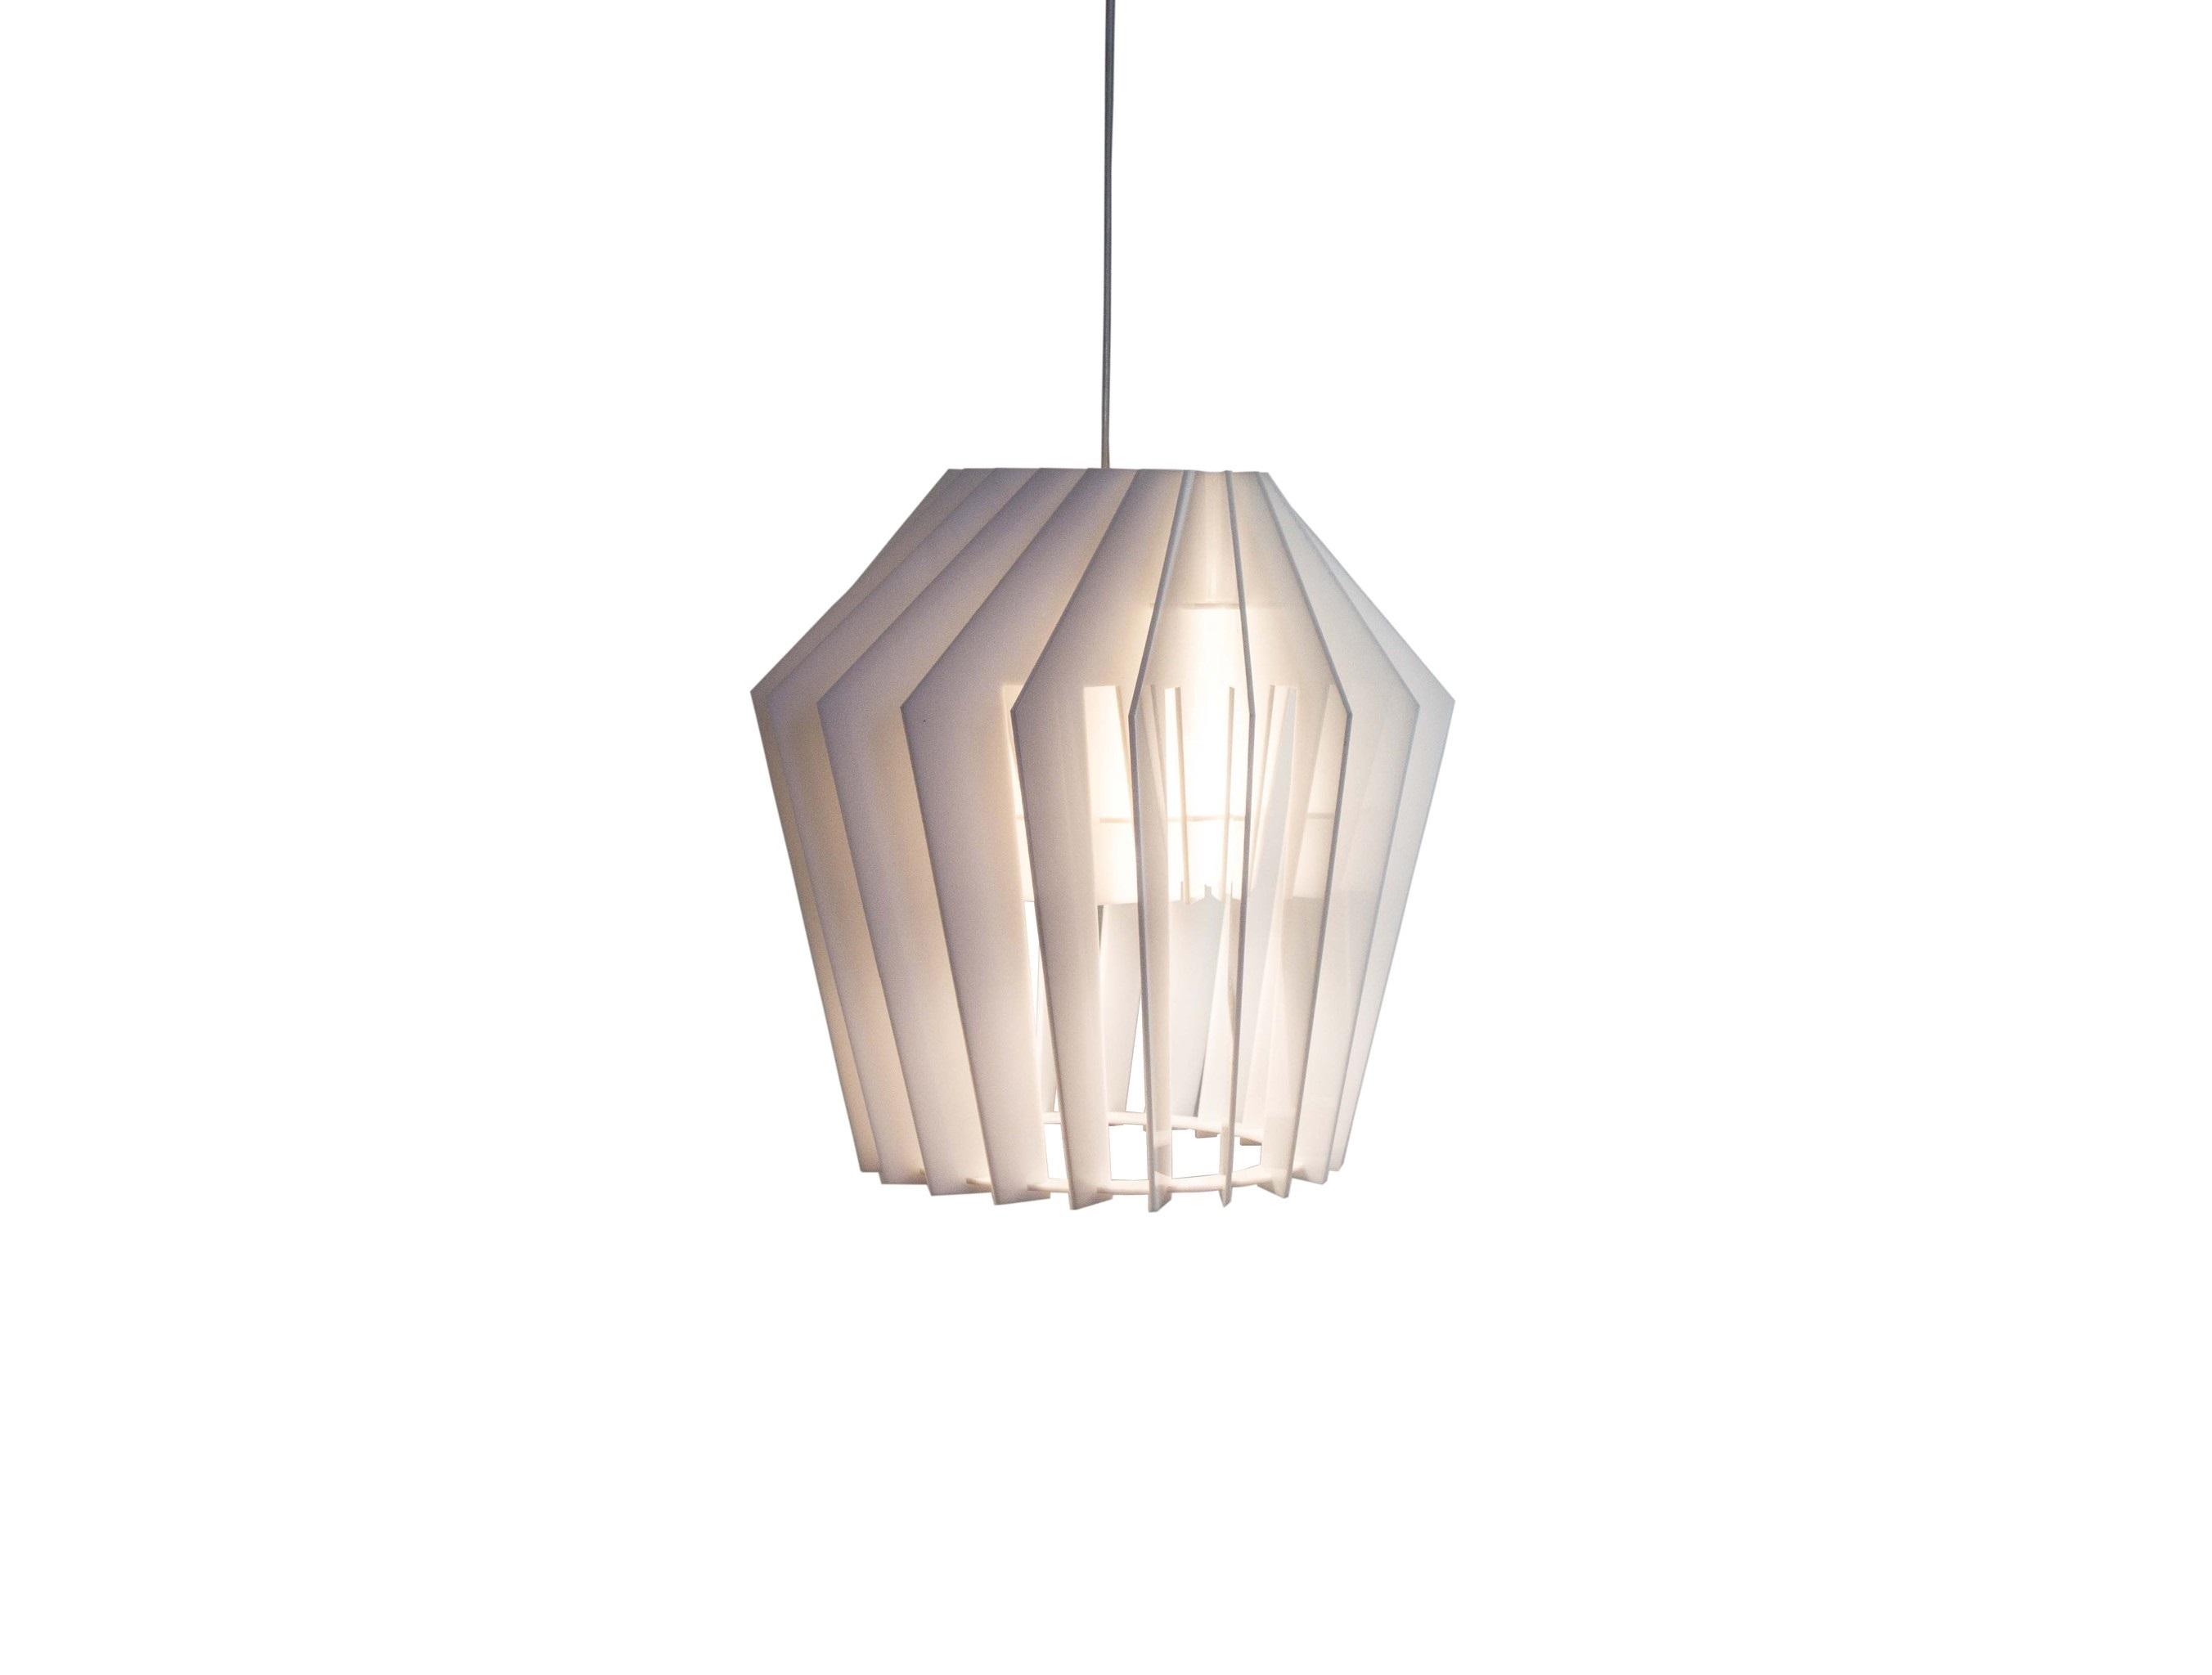 Подвесной светильник ТурболампаПодвесные светильники<br>Лёгкий, стильный светильник хорошо подходит в качестве основного источника света в помещении. Пластины изготовлены из акрилового стекла Plexiglas белого цвета, скреплены между собой специальными пазами и образуют игривую, как будто двигающуюся комбинацию.&amp;amp;nbsp;&amp;lt;div&amp;gt;&amp;lt;br&amp;gt;&amp;lt;/div&amp;gt;&amp;lt;div&amp;gt;&amp;lt;div&amp;gt;Вид цоколя: E27&amp;lt;/div&amp;gt;&amp;lt;div&amp;gt;Мощность: &amp;amp;nbsp;9W&amp;amp;nbsp;&amp;lt;/div&amp;gt;&amp;lt;div&amp;gt;Количество ламп: 1 (нет в комплекте)&amp;lt;/div&amp;gt;&amp;lt;/div&amp;gt;&amp;lt;div&amp;gt;Внимание! Допускается использование только светодиодных или энергосберегающих ламп мощностью не более 9 Вт.&amp;amp;nbsp;&amp;lt;/div&amp;gt;<br><br>Material: Стекло<br>Height см: 34<br>Diameter см: 34